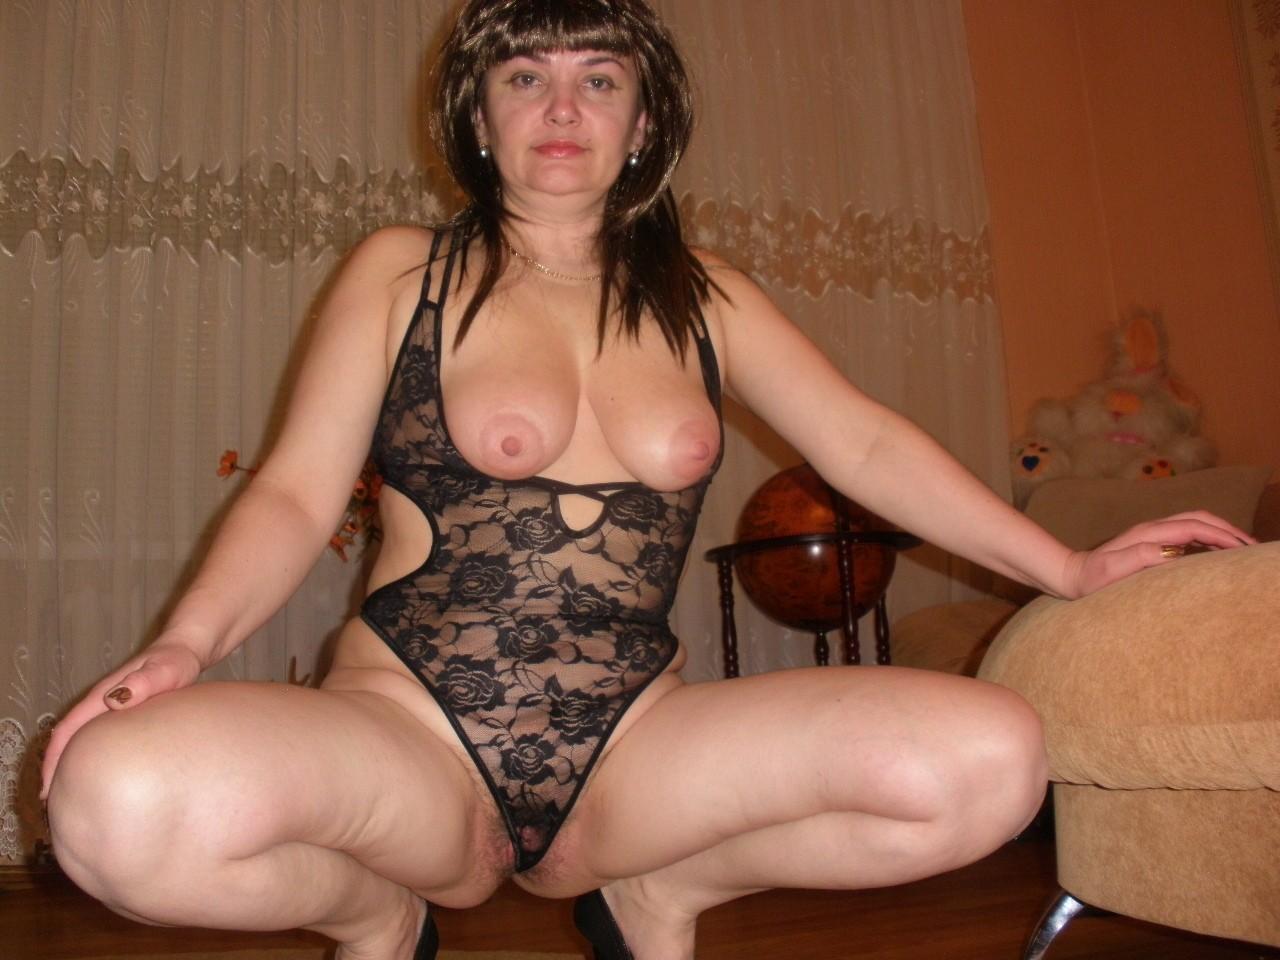 Зрелая женщина не против экспериментов - она одевается сексуально и вставляет в себя фаллос